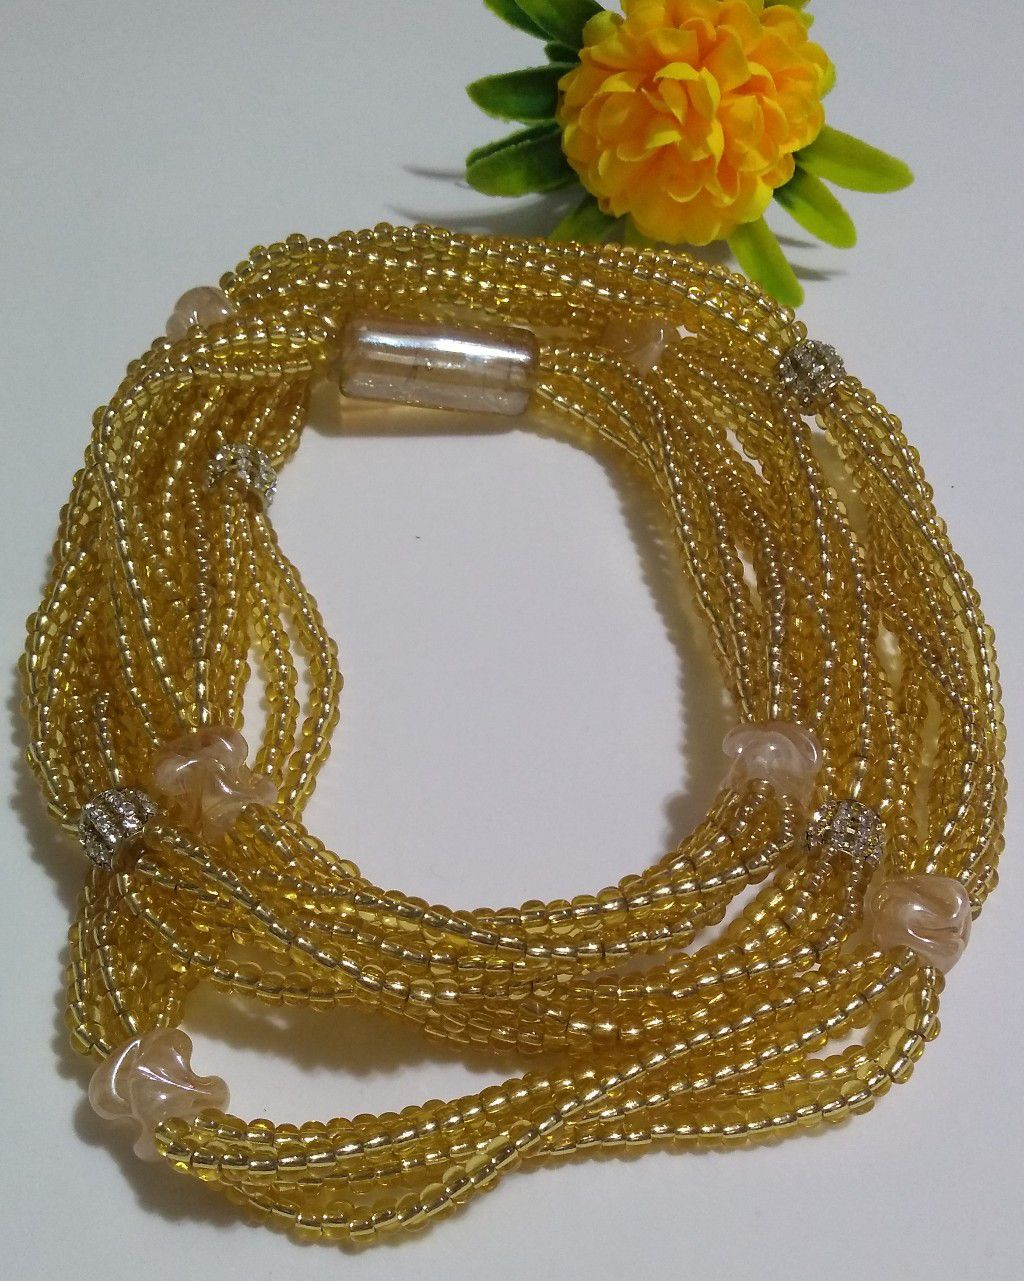 Braja Luxo de Oxum com 5 fios e strass dourado